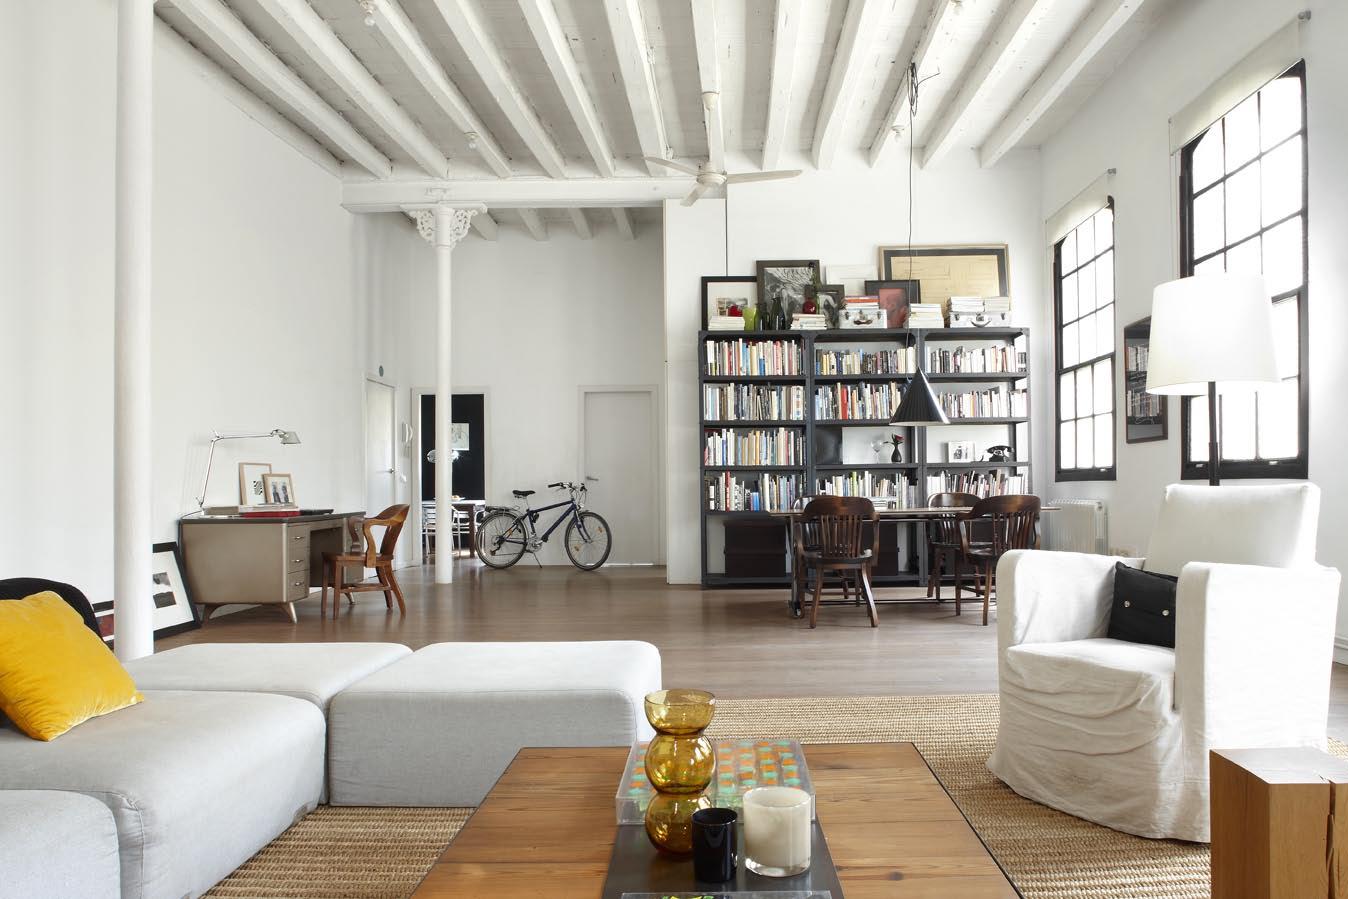 Un loft dans un ancien atelier de textiles - Frenchy Fancy